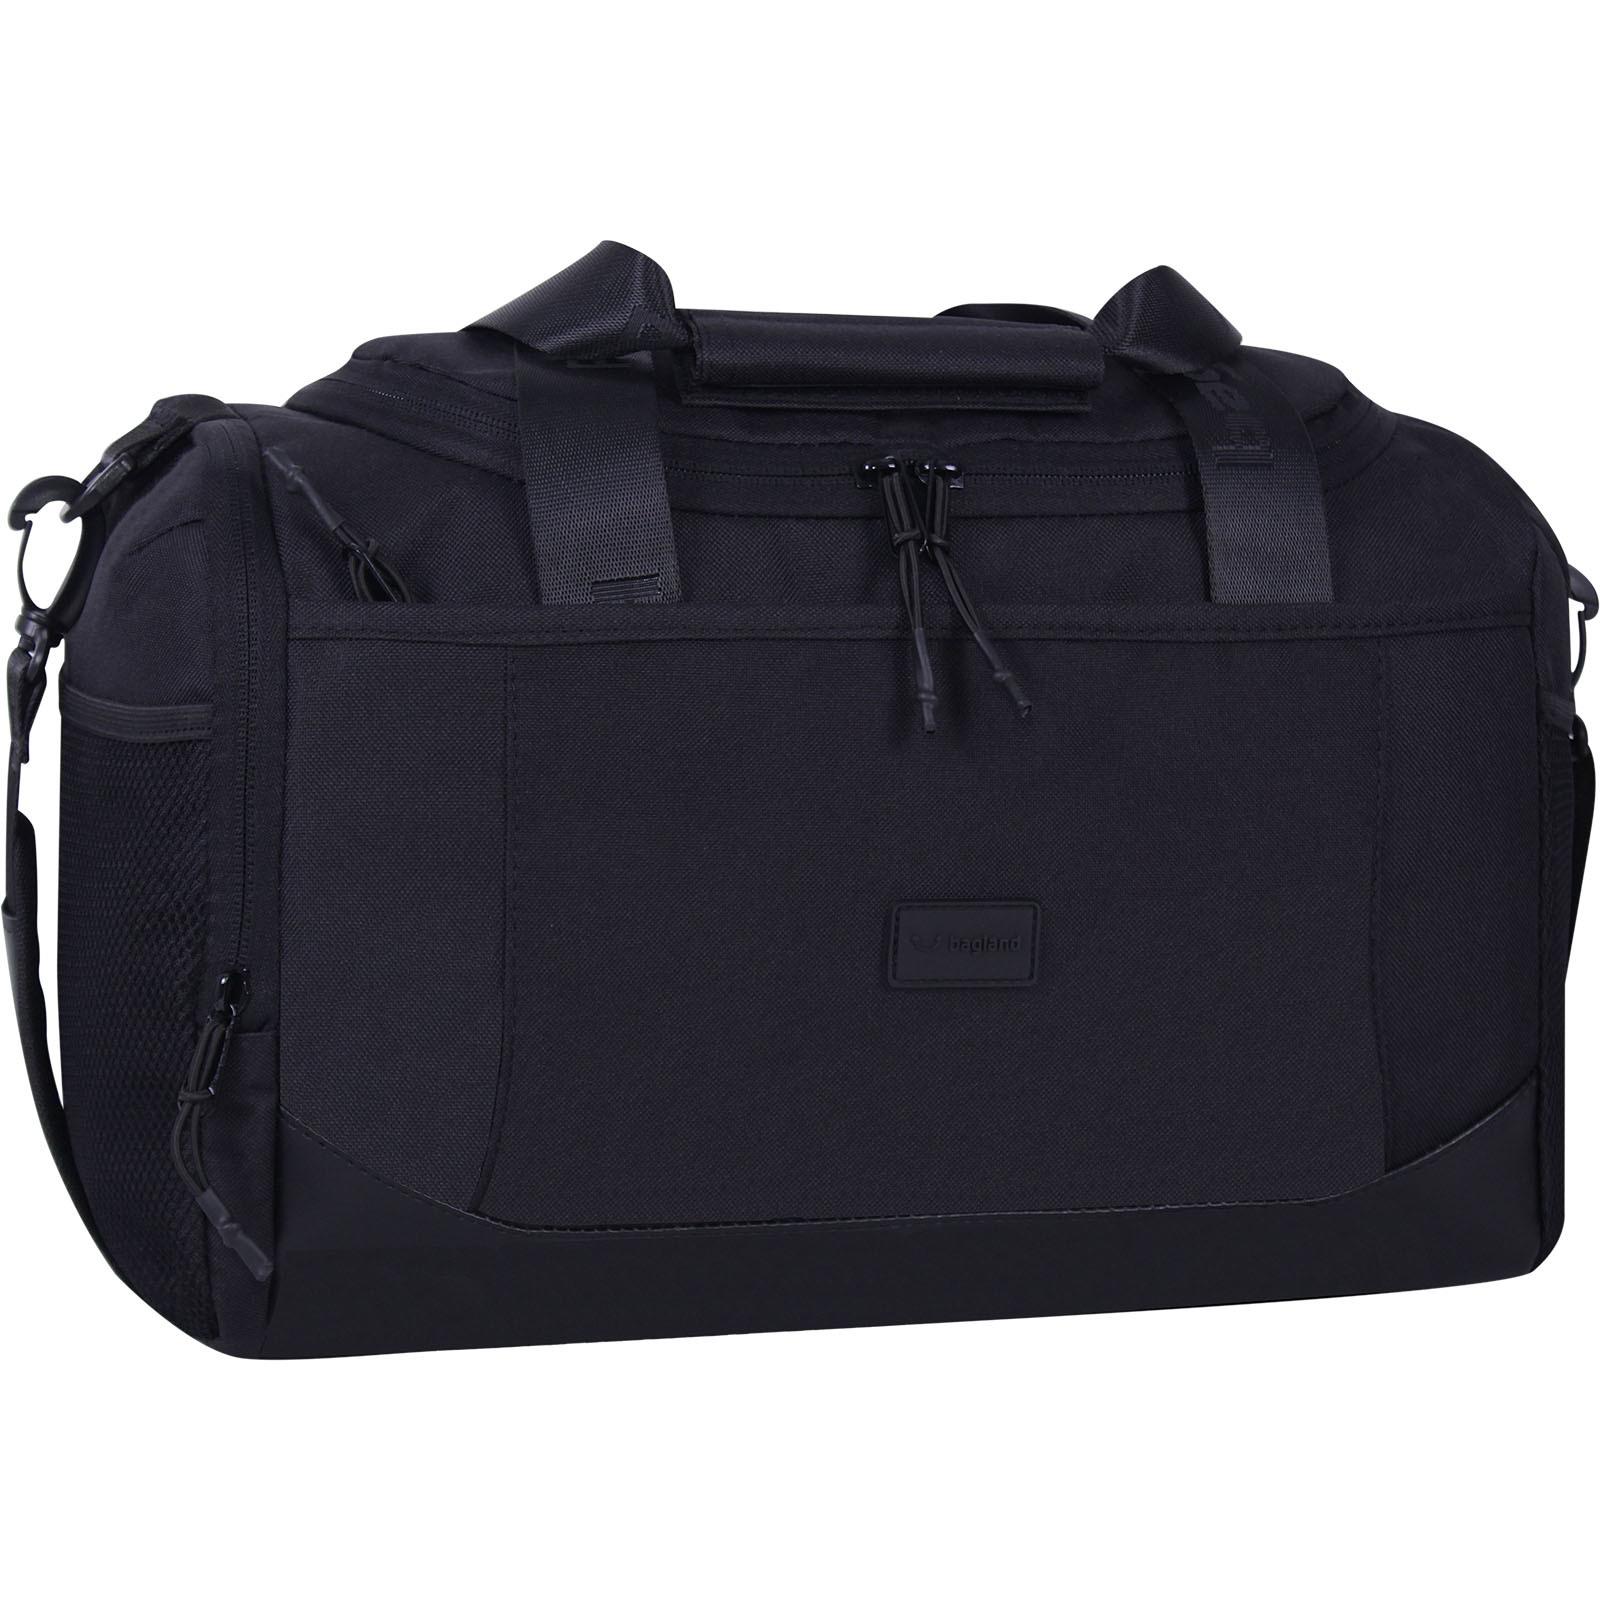 Дорожные сумки Сумка Bagland Albany 20 л. Чёрный (0032666) IMG_6229-1600.jpg